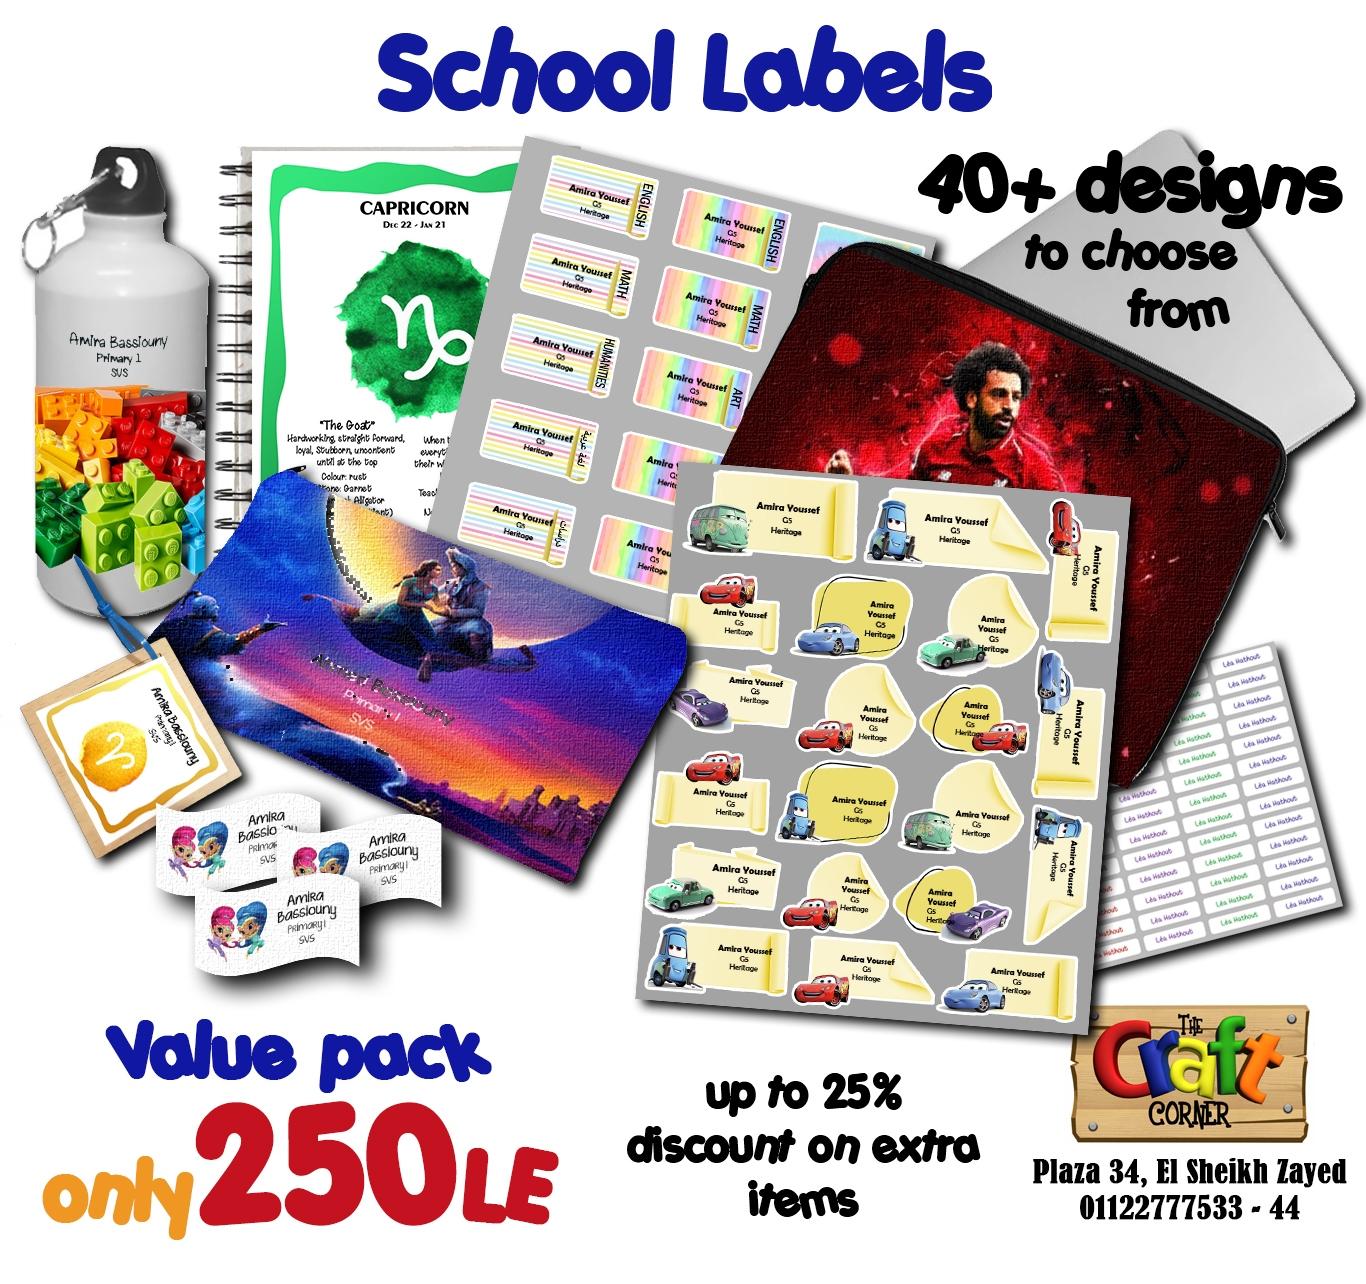 School labels ad